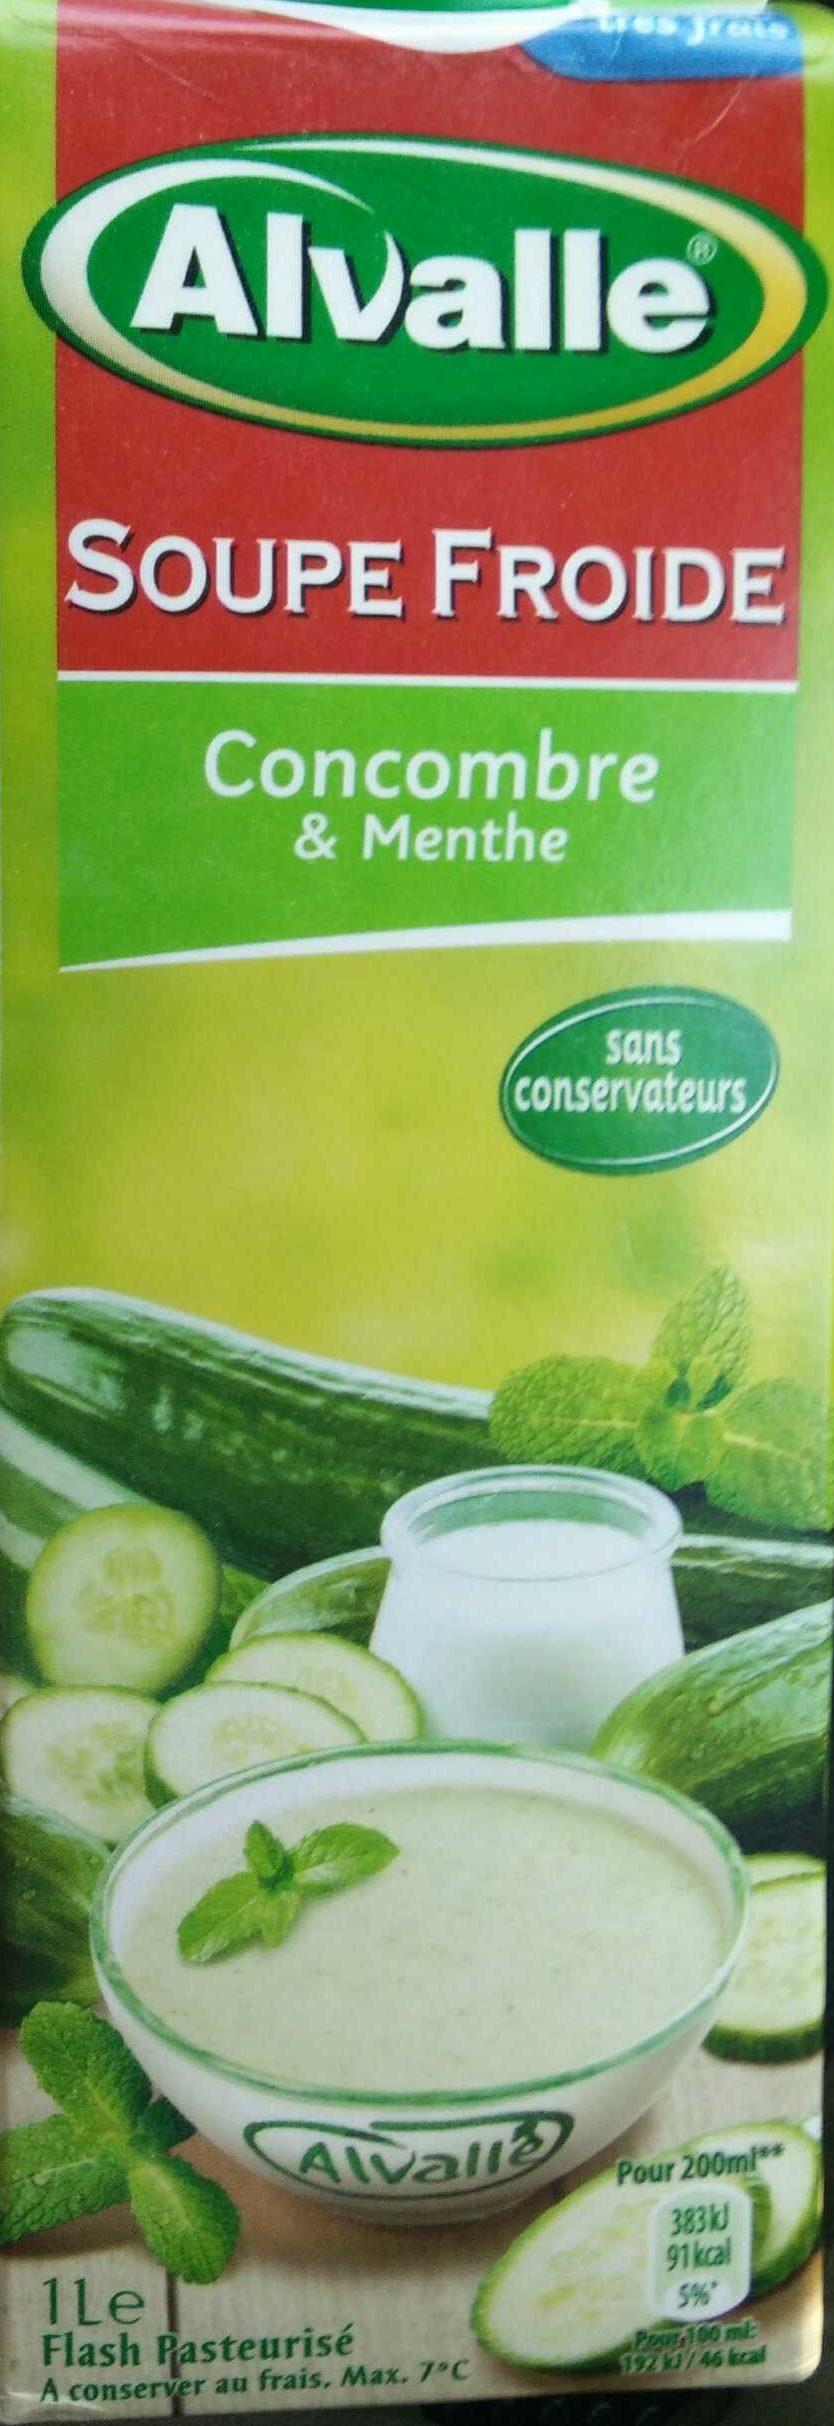 Soupe froide concombre et menthe - Produit